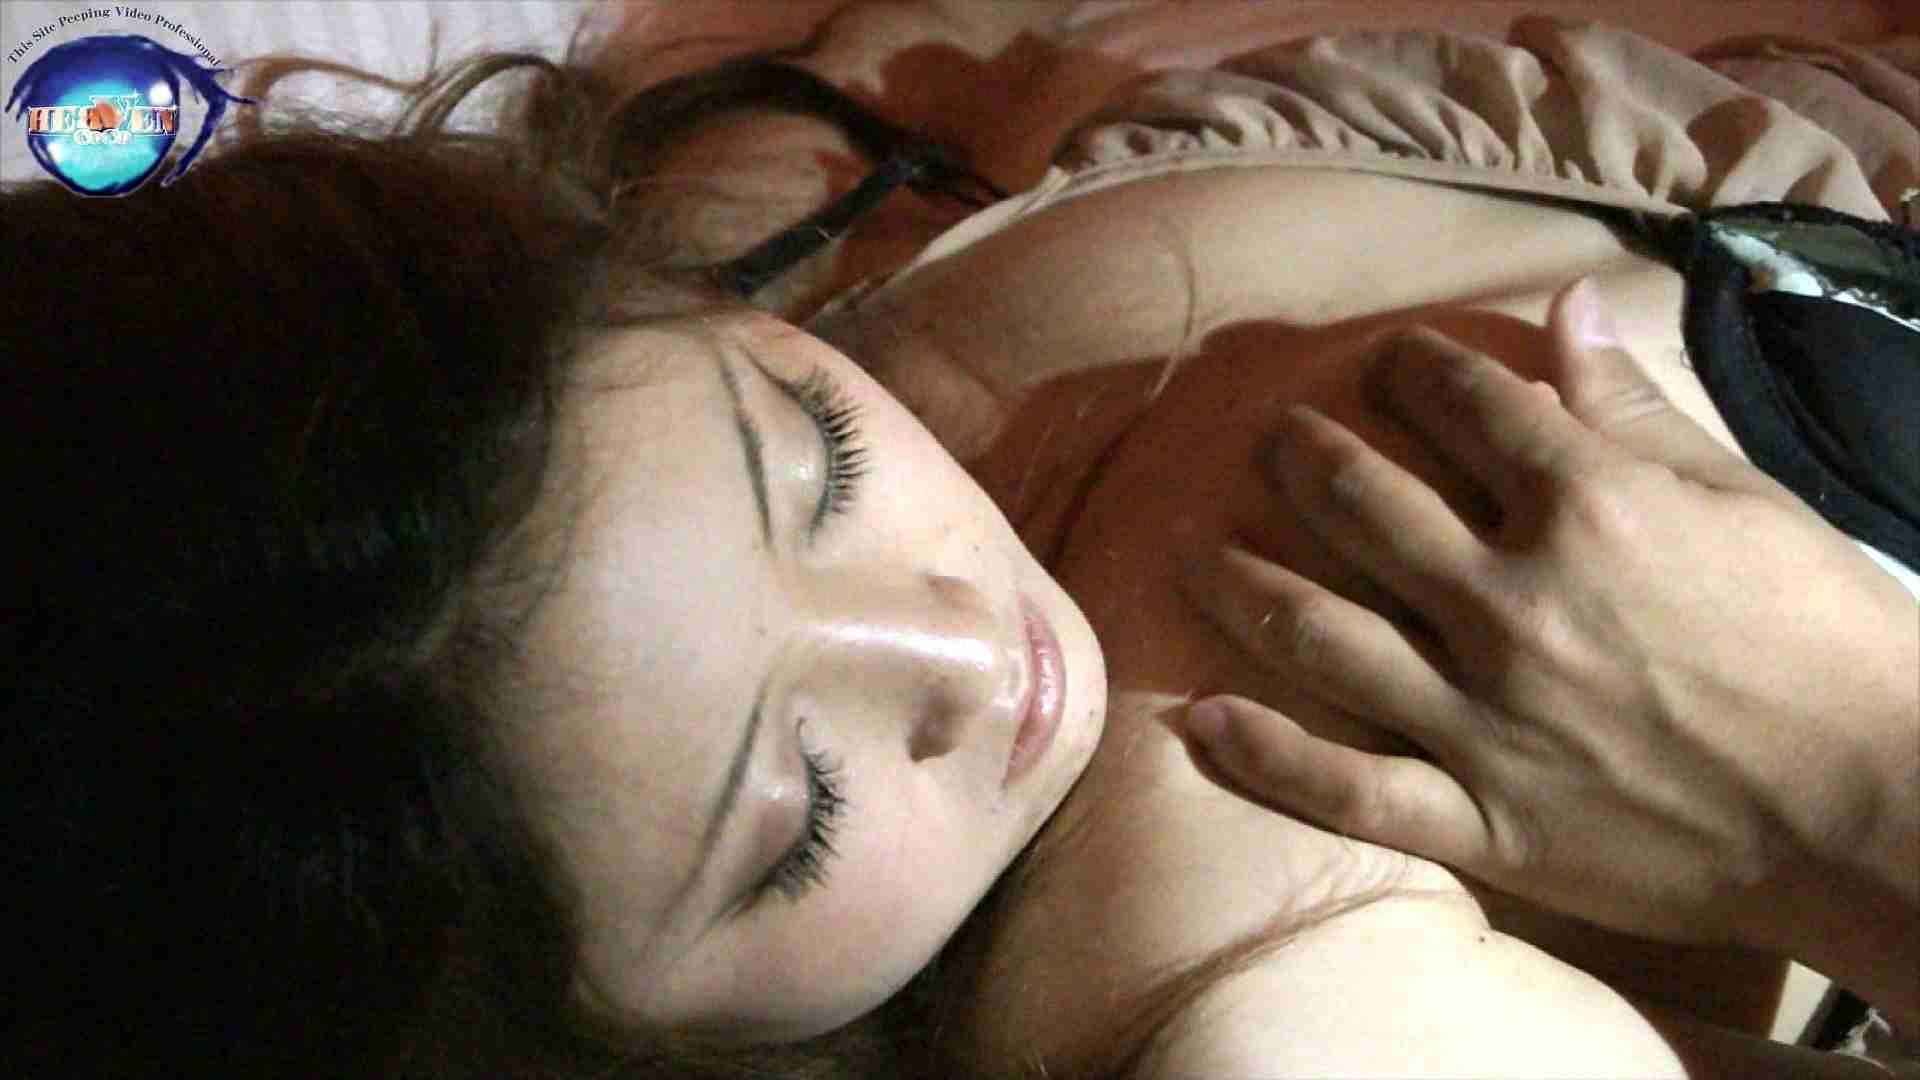 睡魔 シュウライ 第十弐話 ホテル隠し撮り   イタズラ  88pic 61